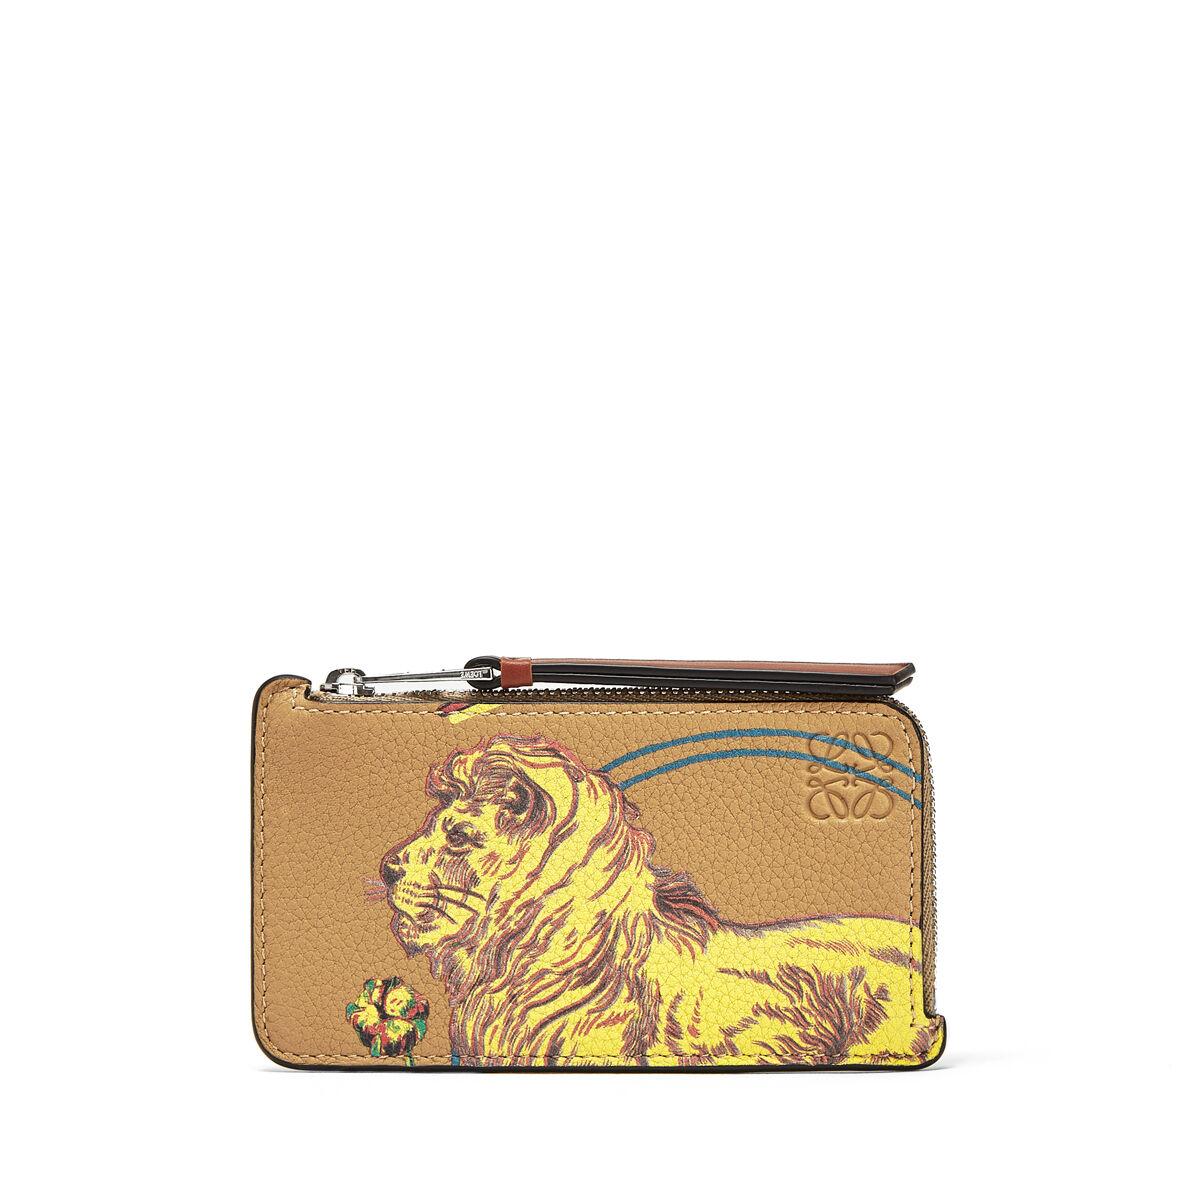 LOEWE Coin/Card Holder Lion Desert all